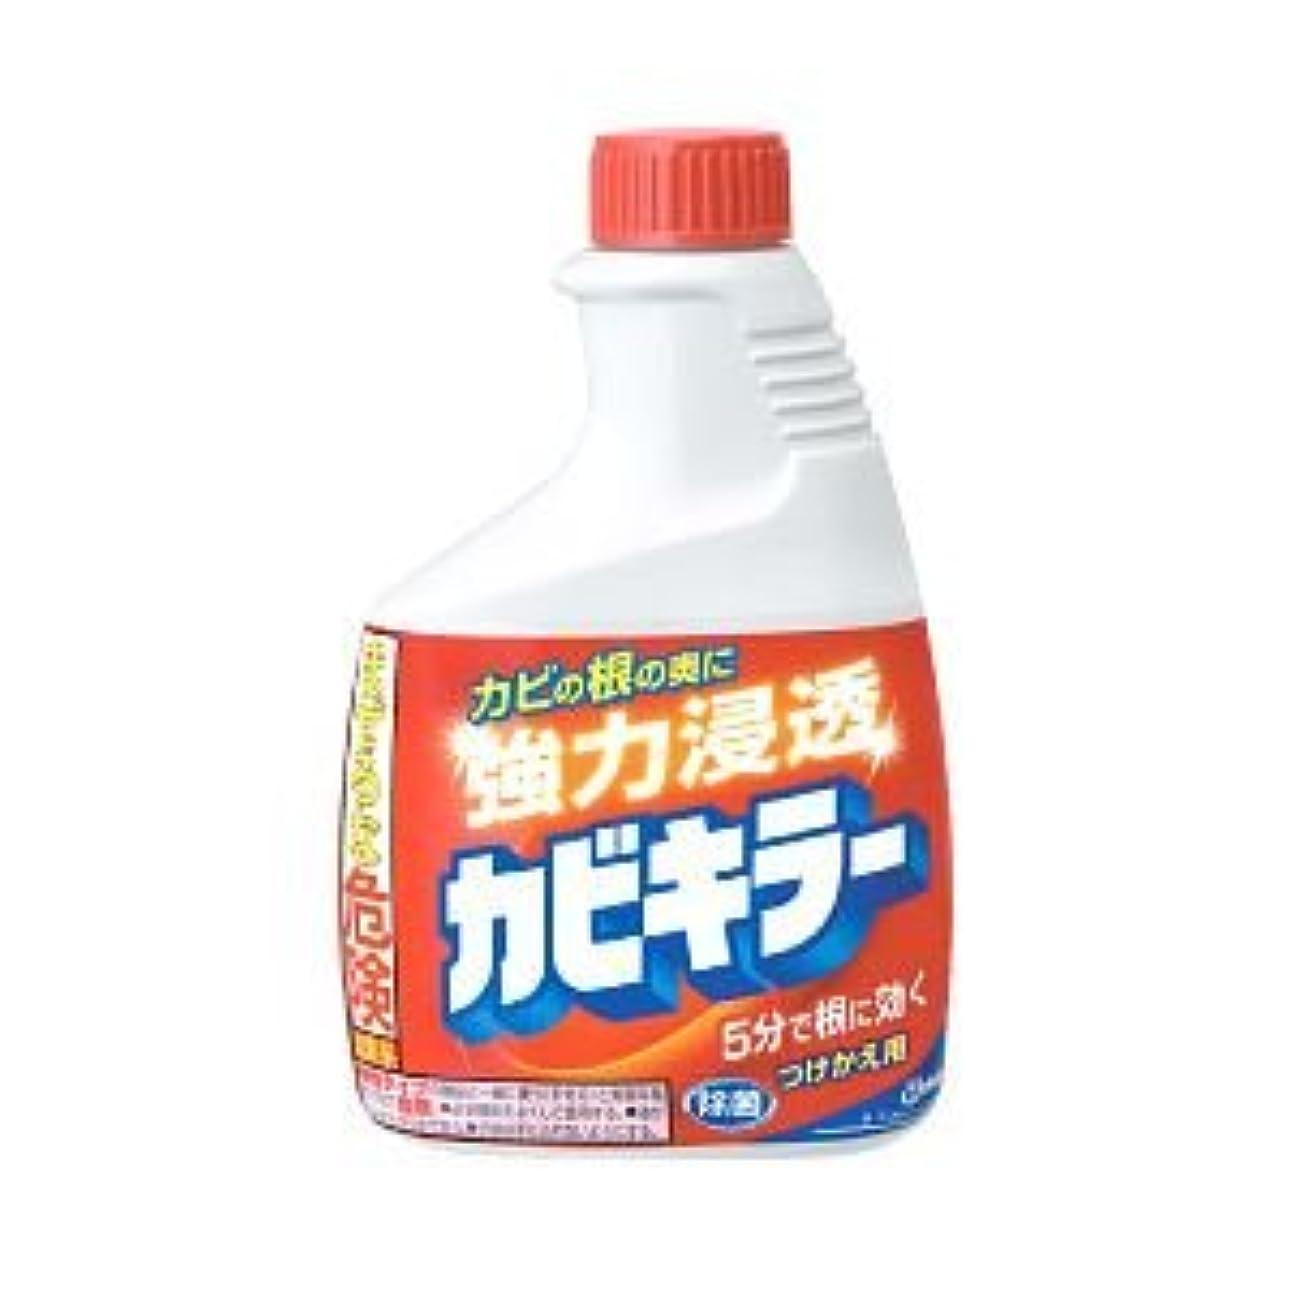 原子炉エンジンブル(業務用セット) ジョンソン カビキラー つけ替用 【×10セット】